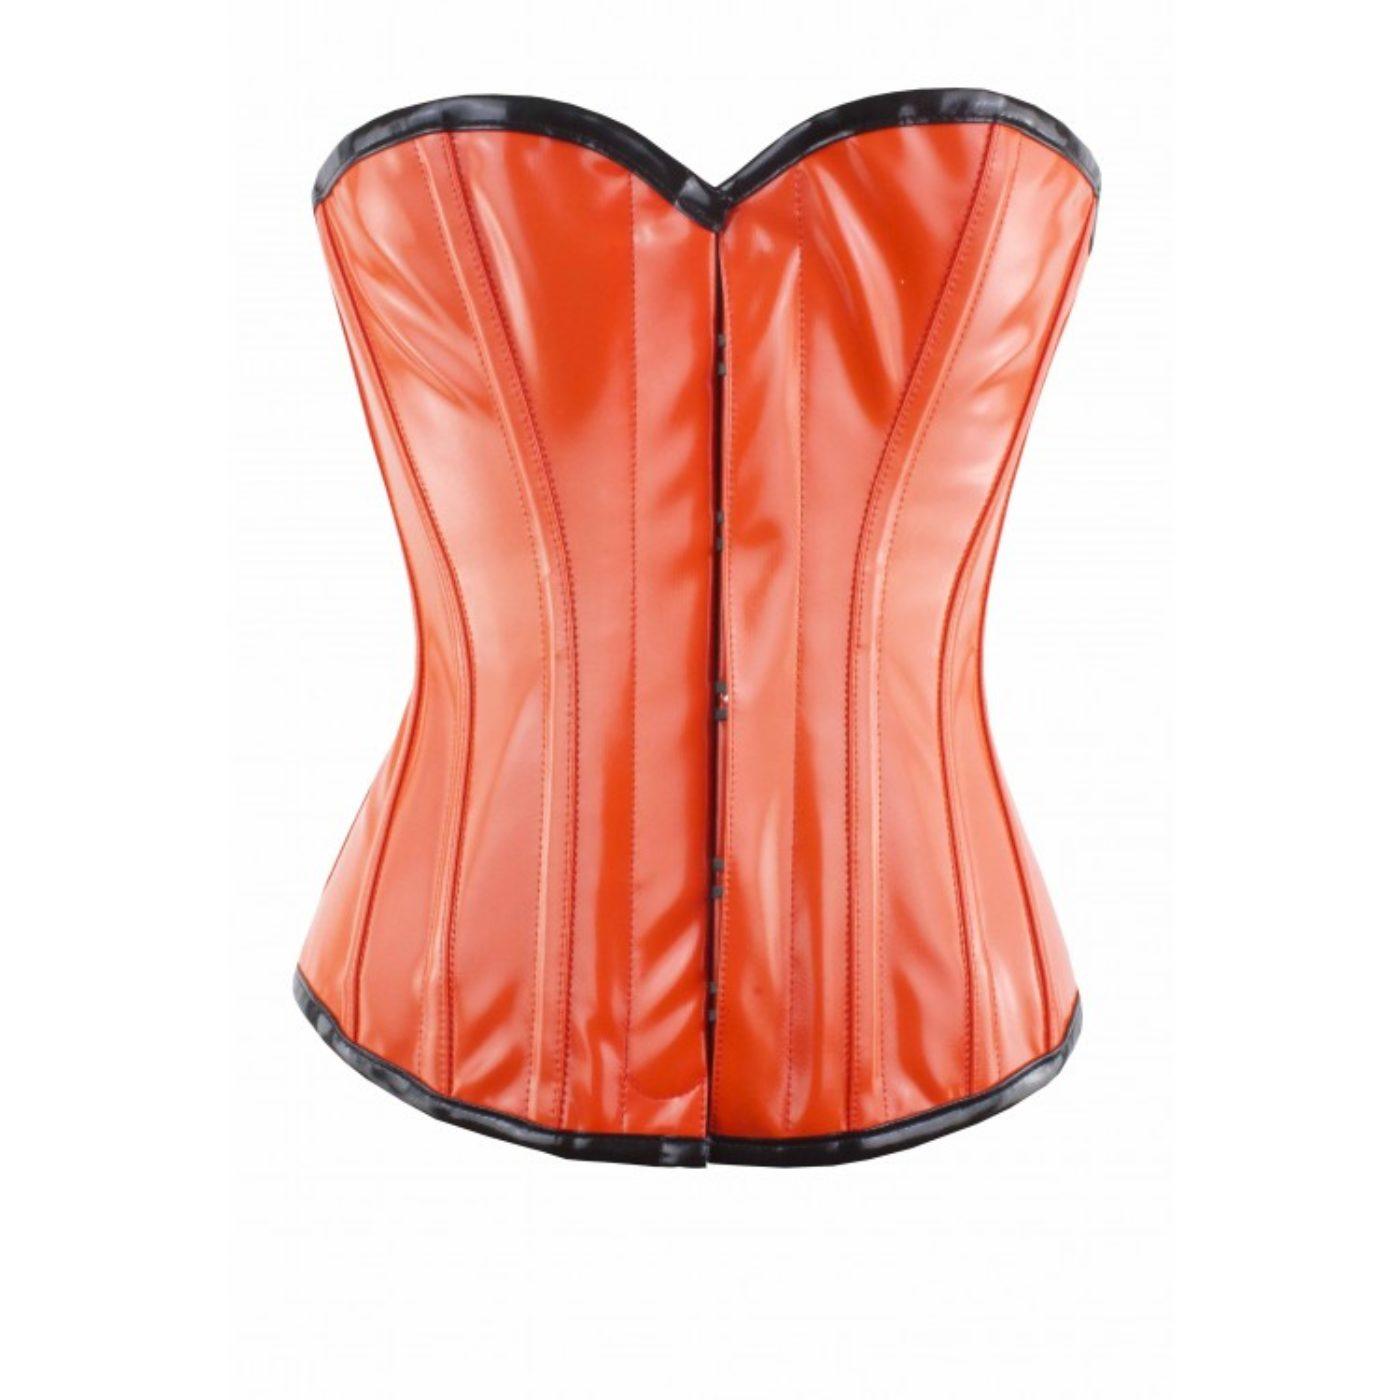 Orange PVC Corset